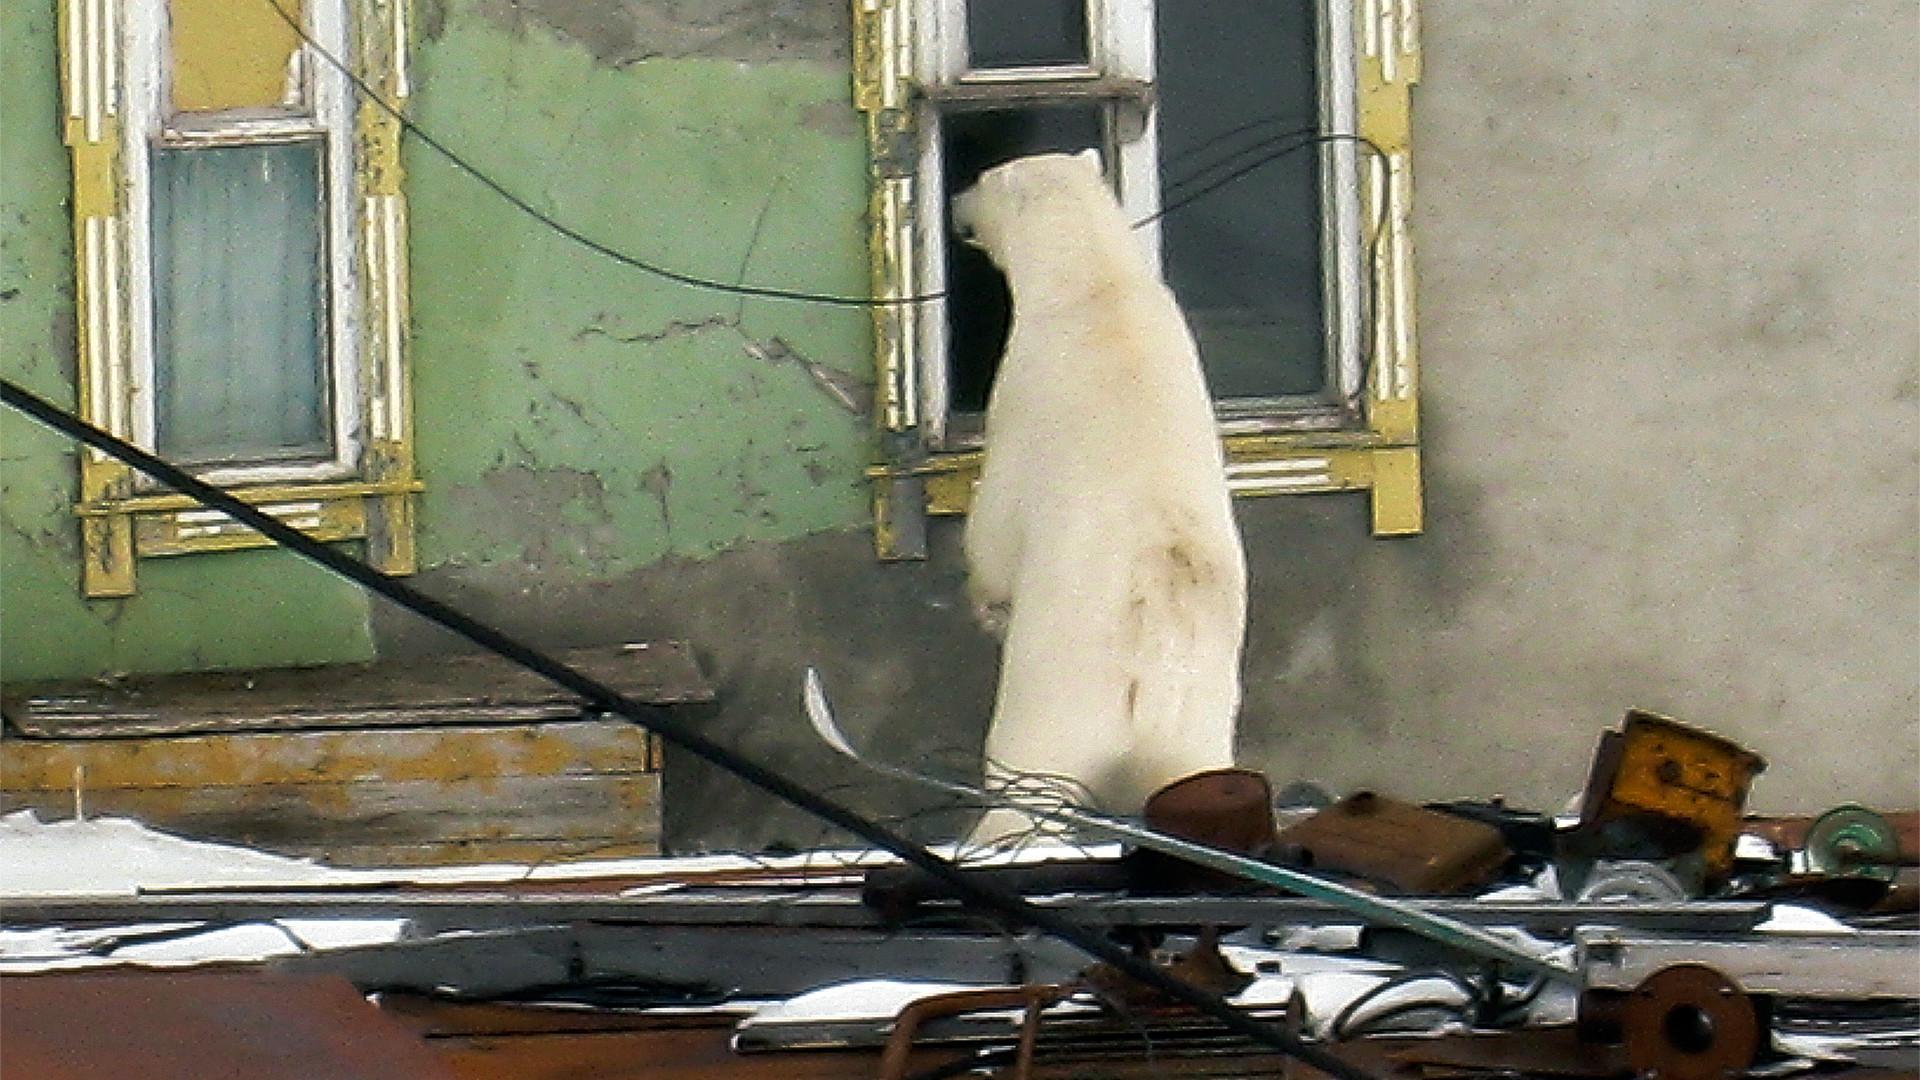 Seekor beruang di Desa Amderma, Okrug Otonom Nenets, Rusia.